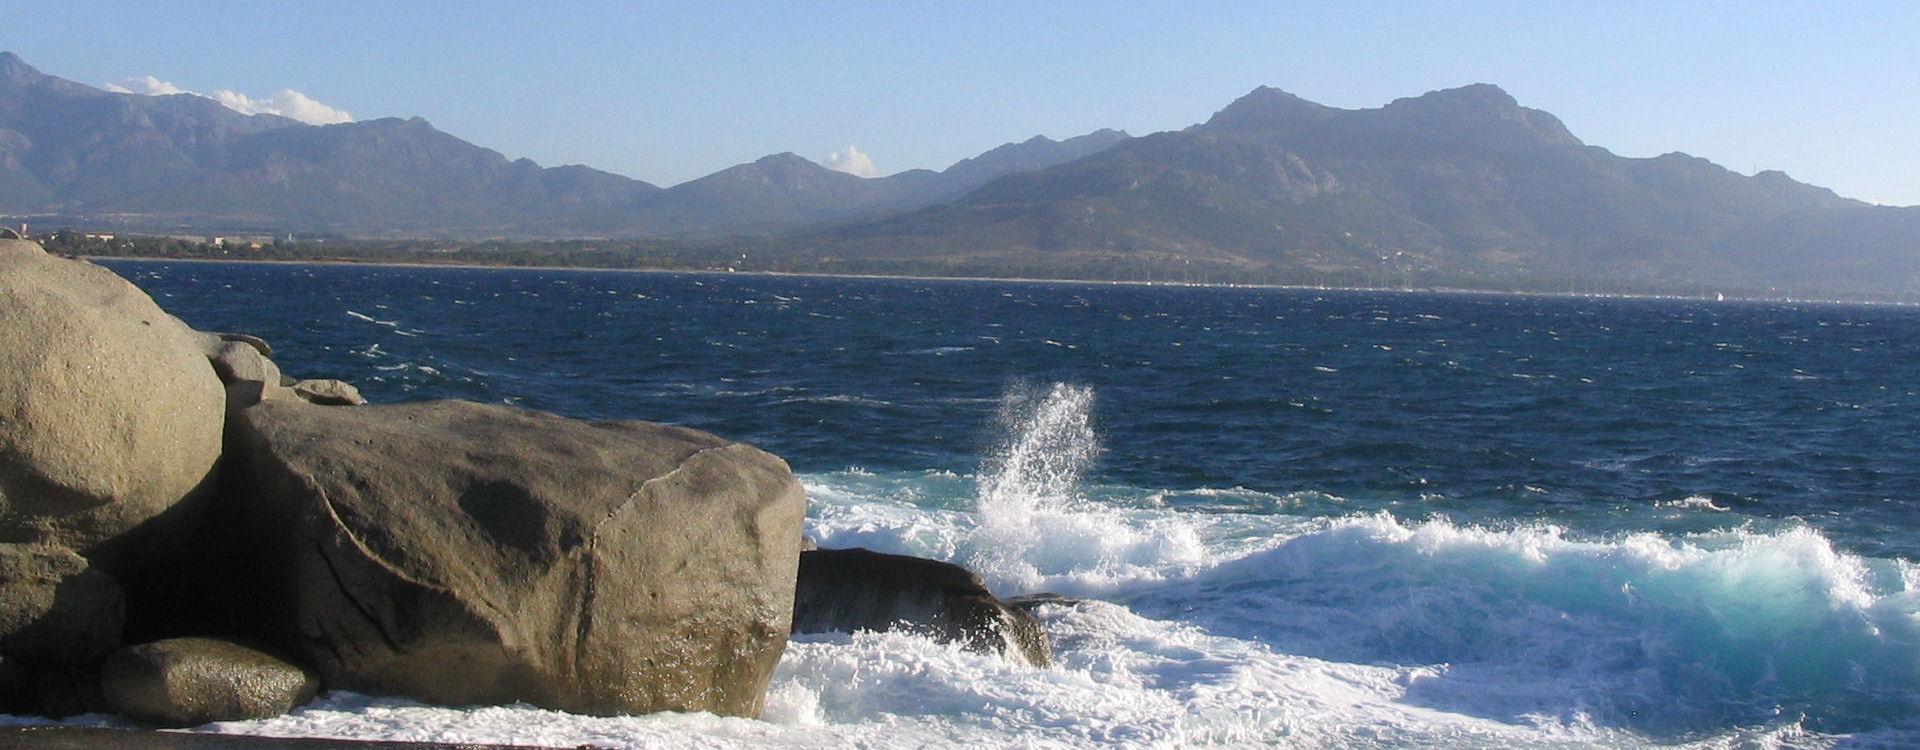 lumio-caldone-mer-montagne